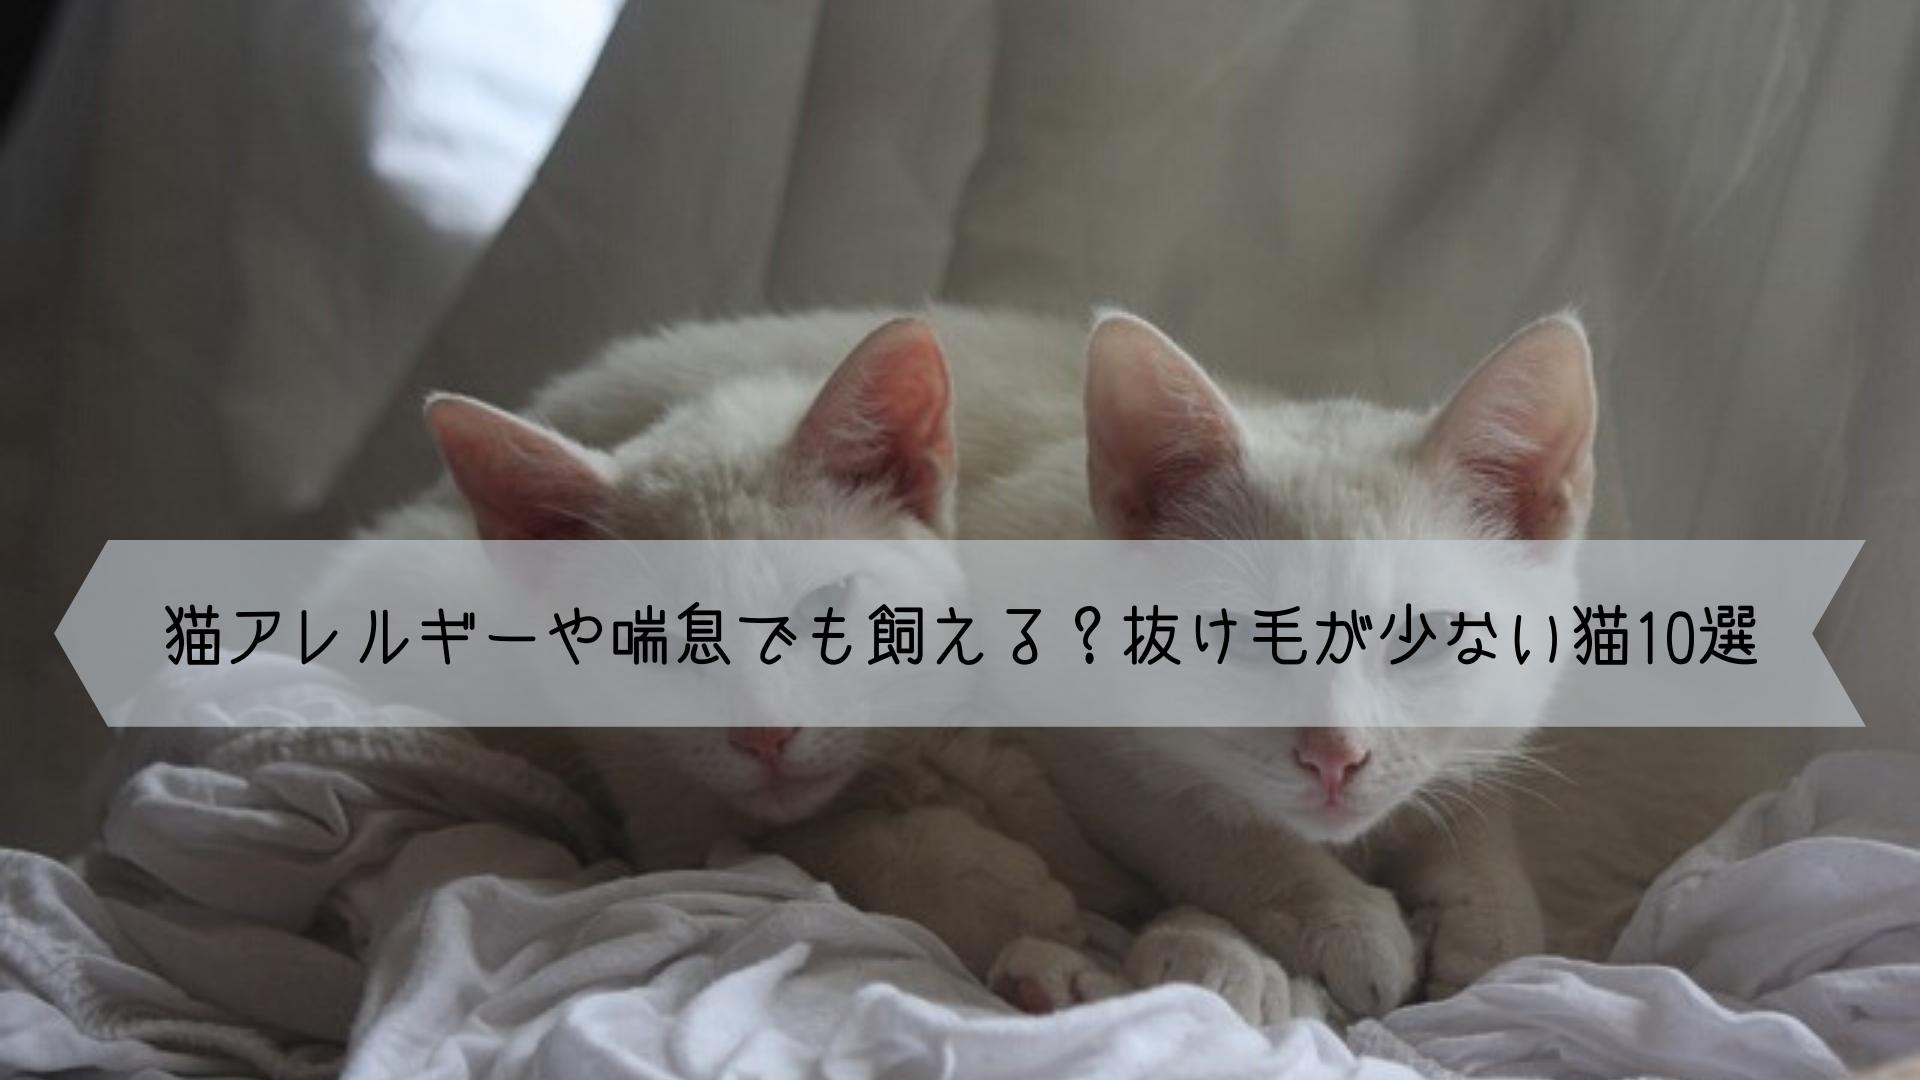 猫アレルギーや喘息でも飼えるかも 飼いやすい抜け毛が少ない猫の種類10選 猫 種類 猫 アレルギー 猫